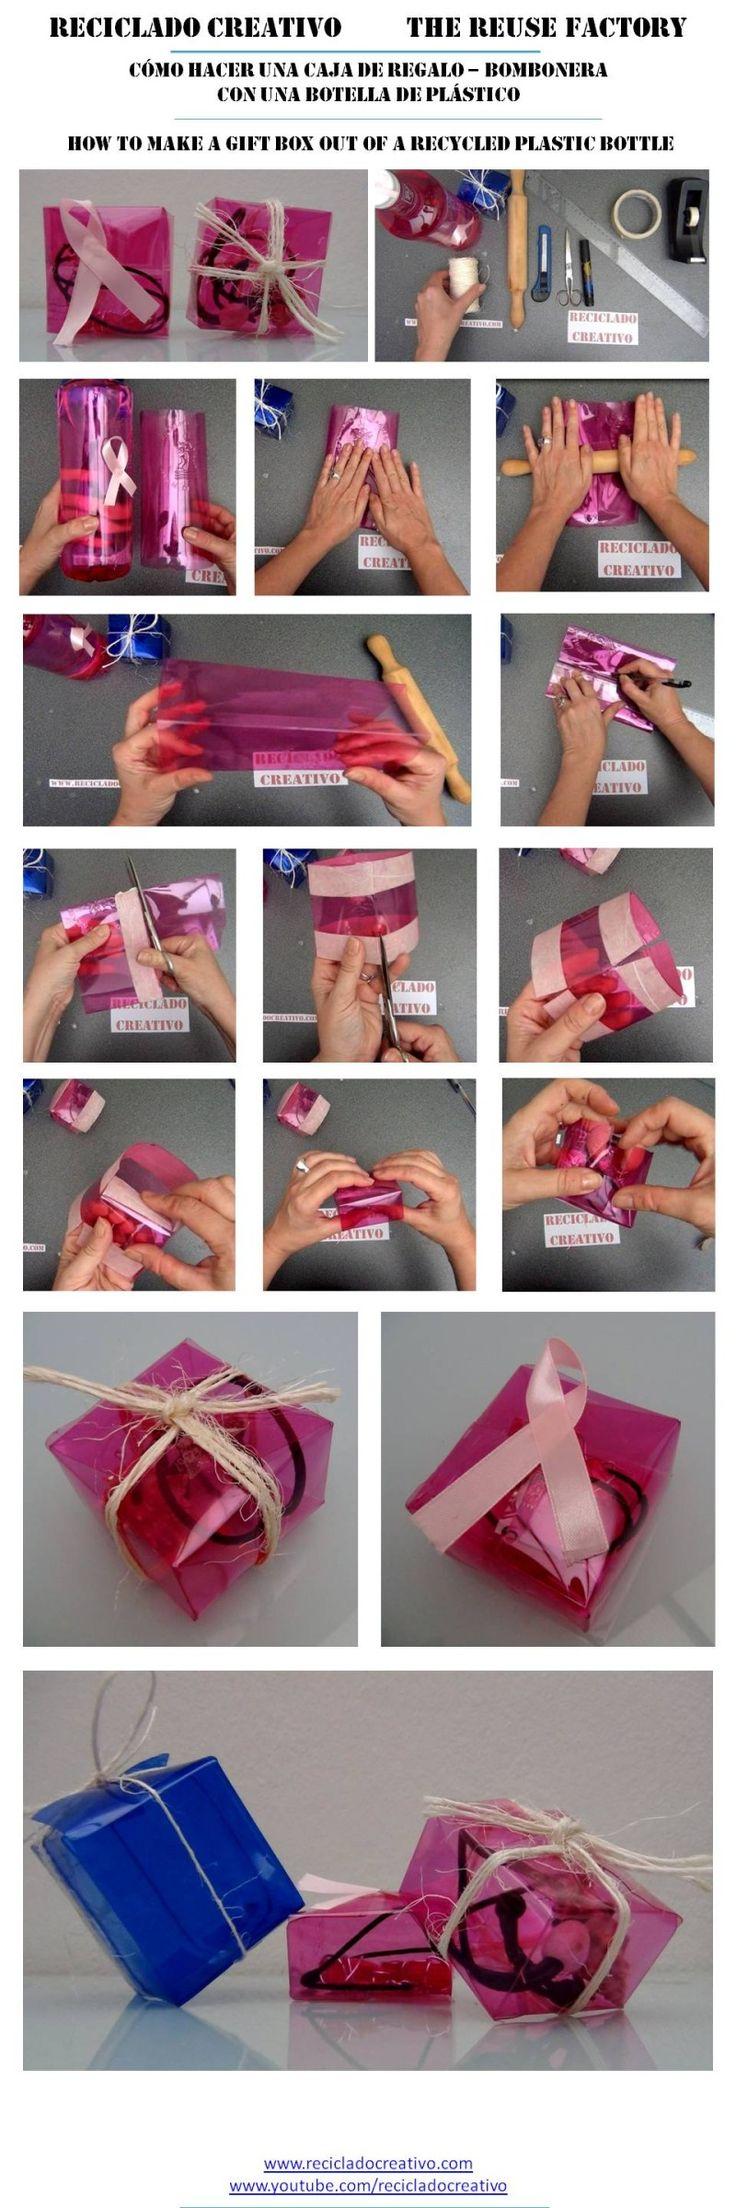 Cómo hacer una caja de regalo cuadrada reciclando botellas de plástico  https://youtu.be/3EhLZvzw05w?list=PLemyWmGdwuSO4JfUYq5bWU1bZYqGu7RQF